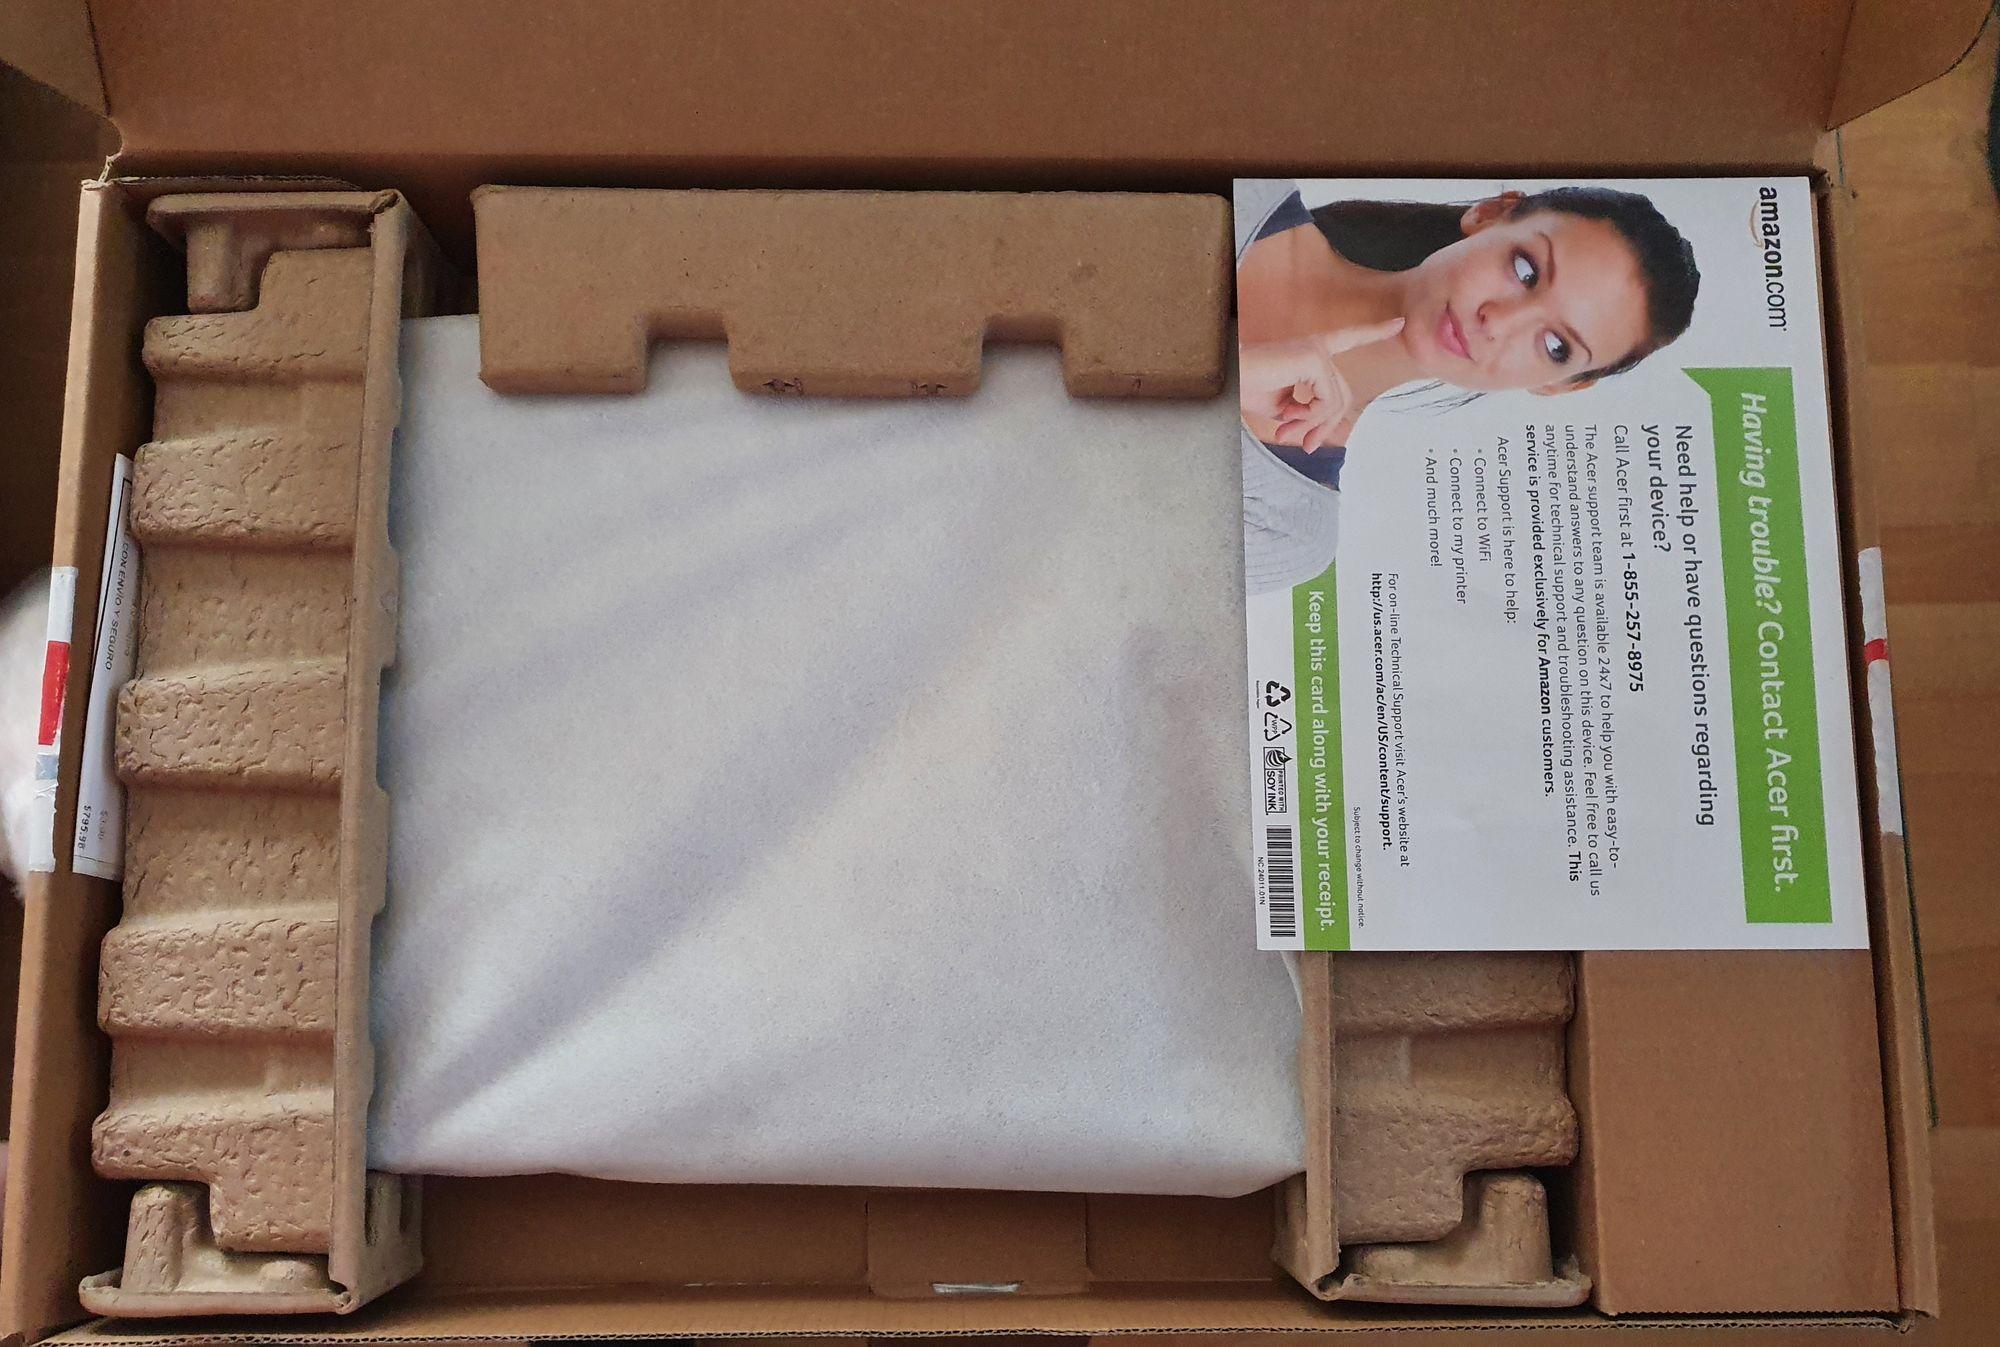 Así es como viene empacada la Acer Swift 3 Ryzen 7 desde Amazon USA, donde fue comprada